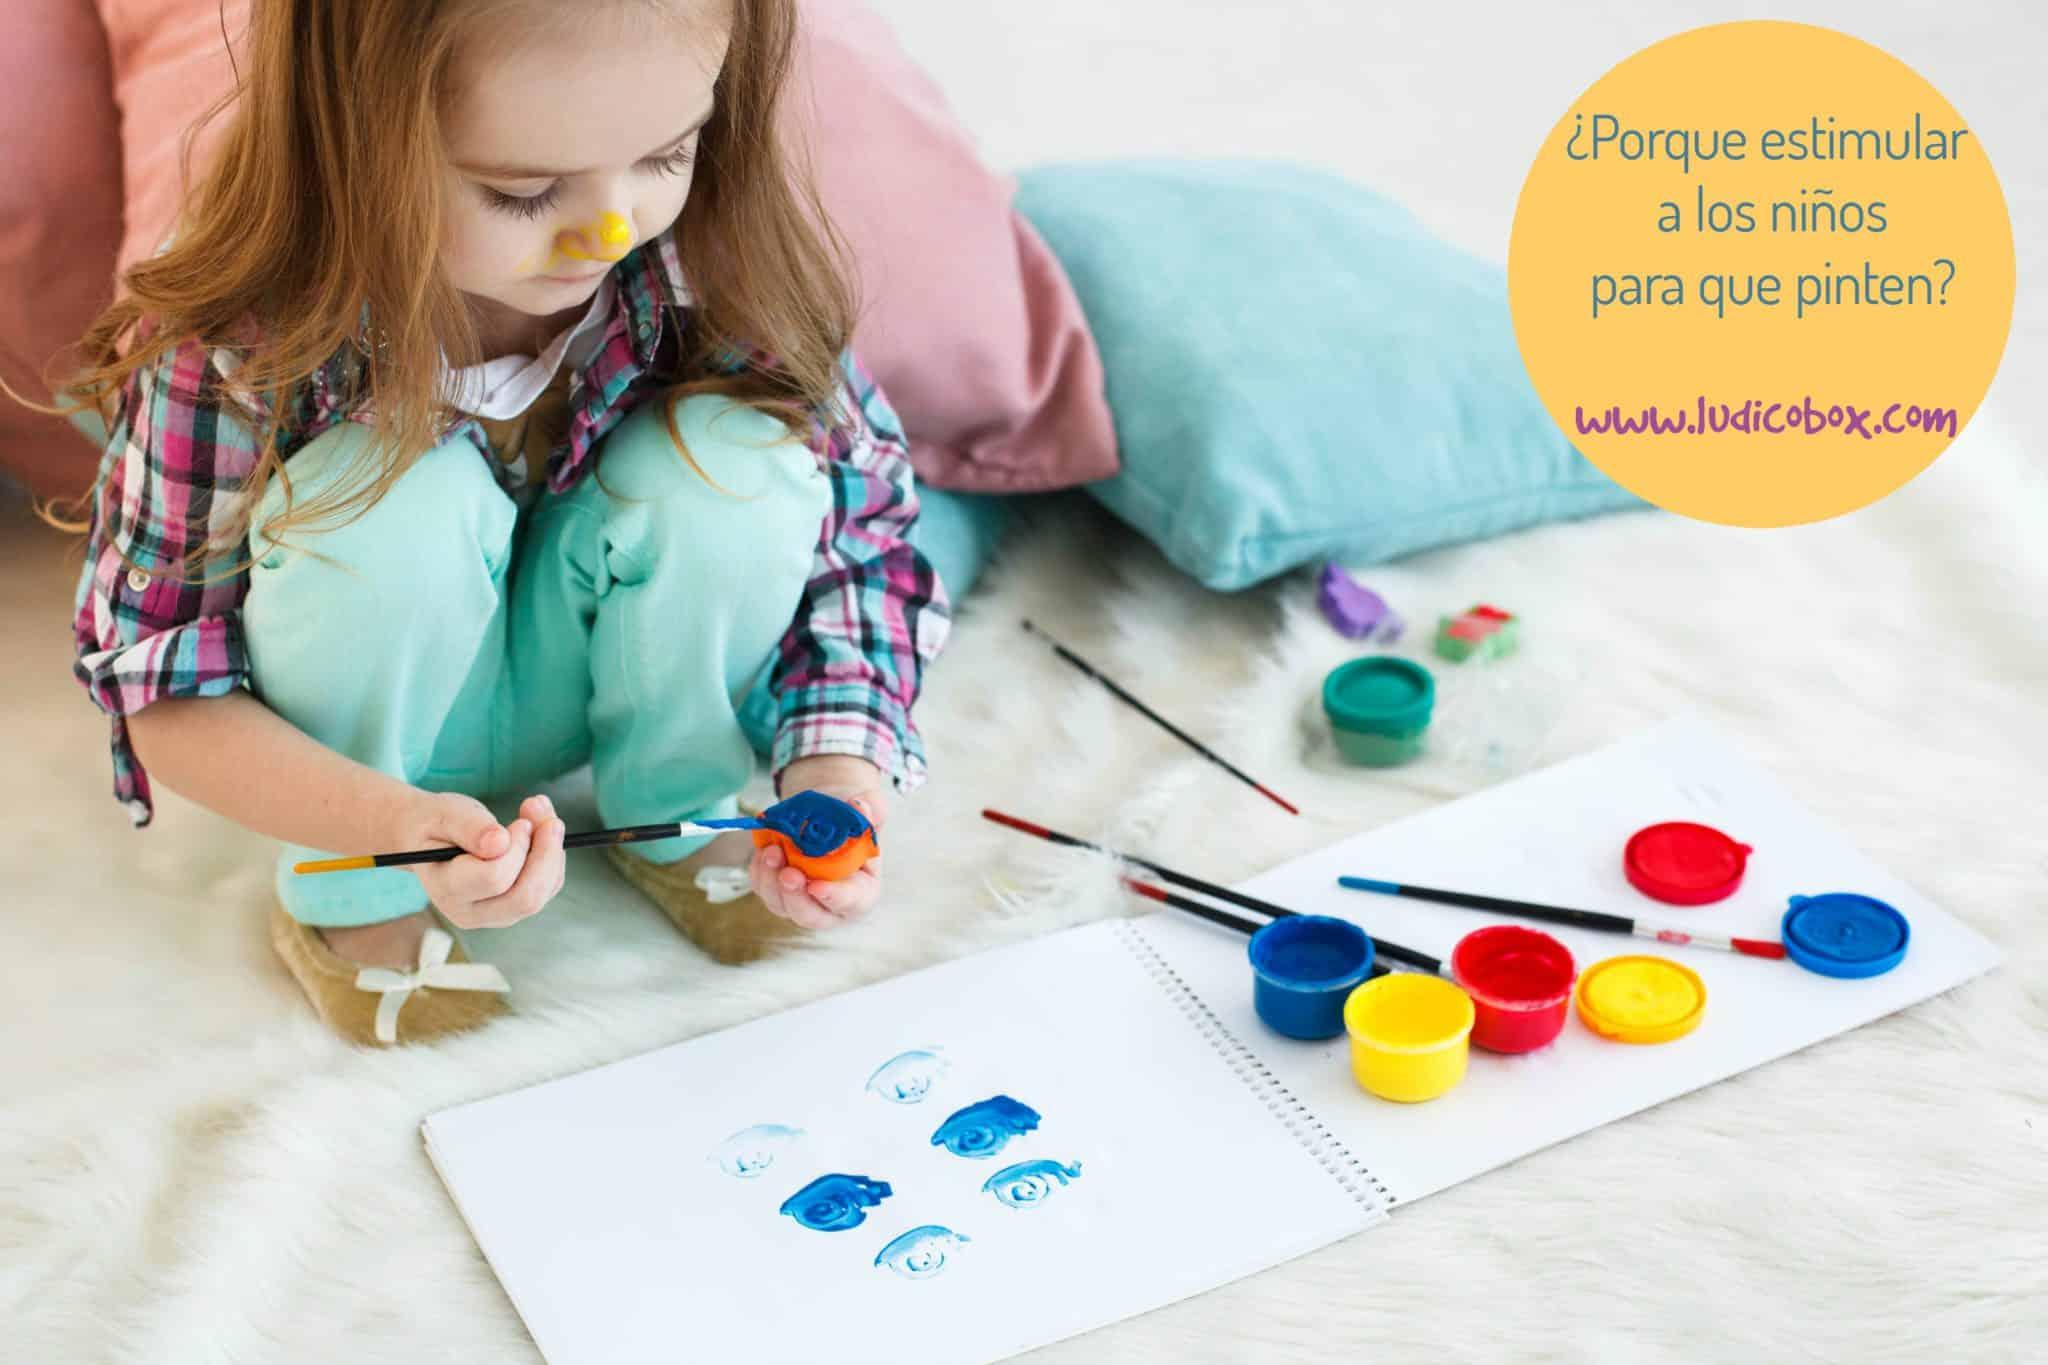 Pourquoi peindre à la maternelle?